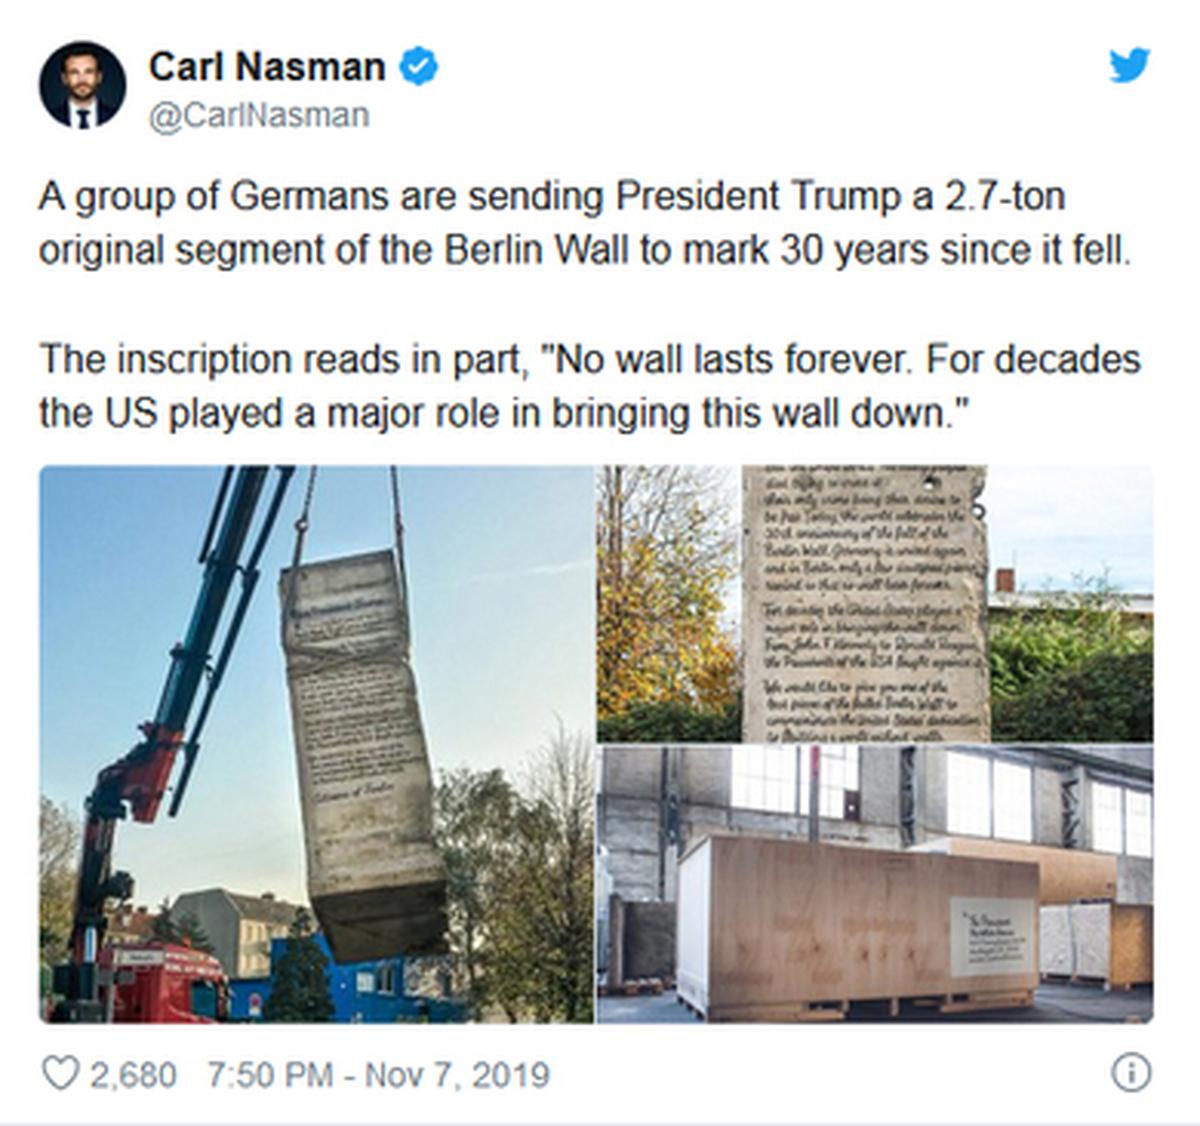 هدیه شهروندان آلمانی به ترامپ فرستاده شد: تکهای 2.7 تنی از دیوار برلین